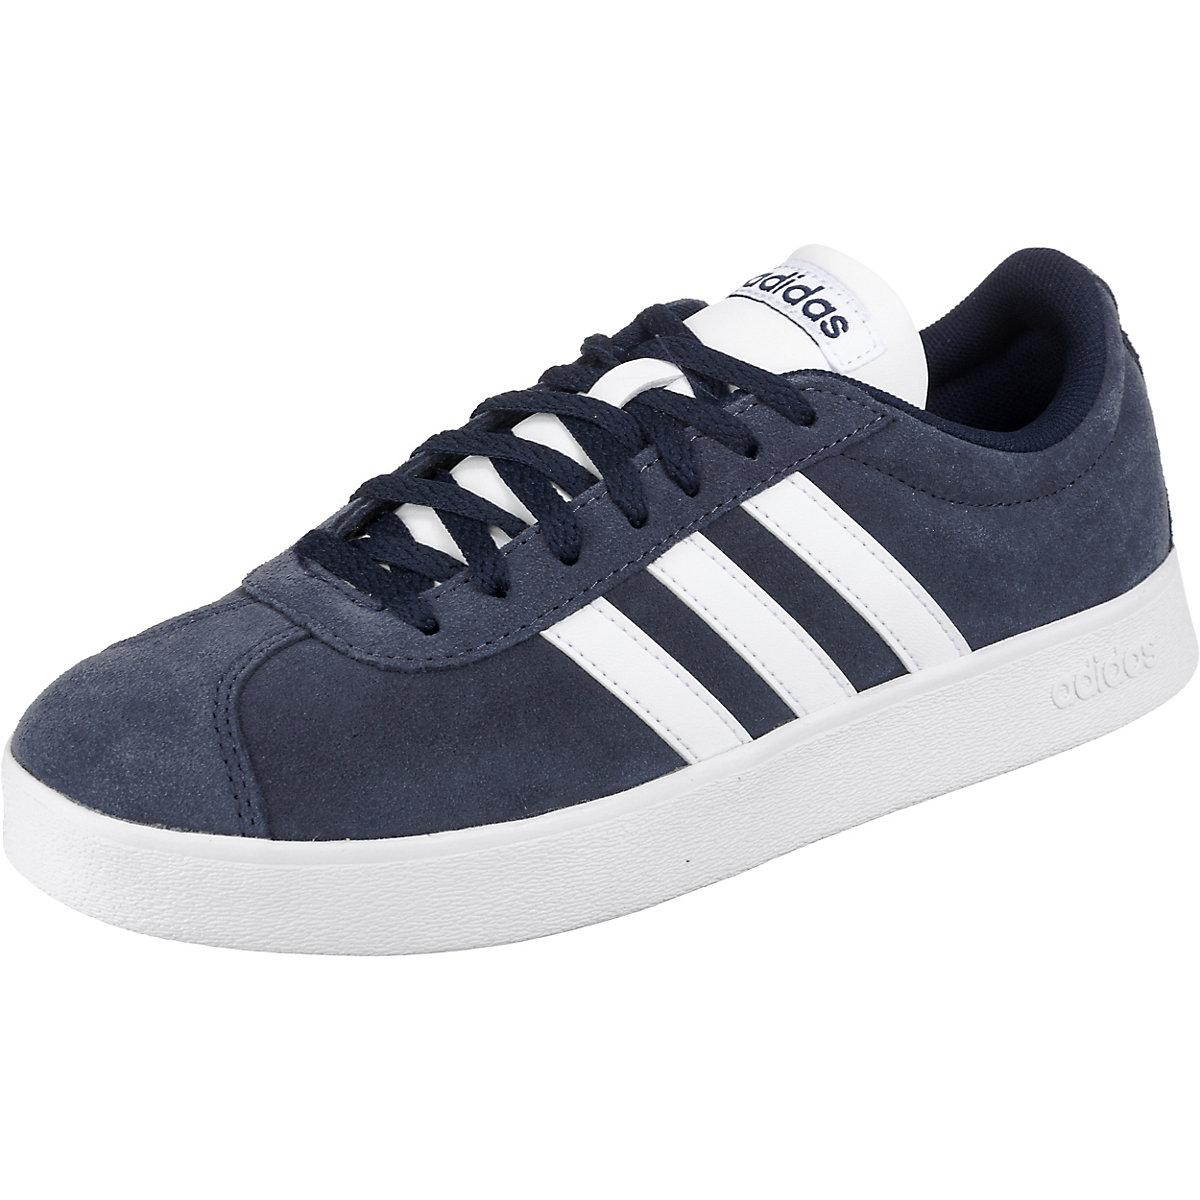 Adidas Sport Inspirot, Vl Court 2.0 Turnschuhe Low, dunkelblau  Gute Qualität beliebte Schuhe